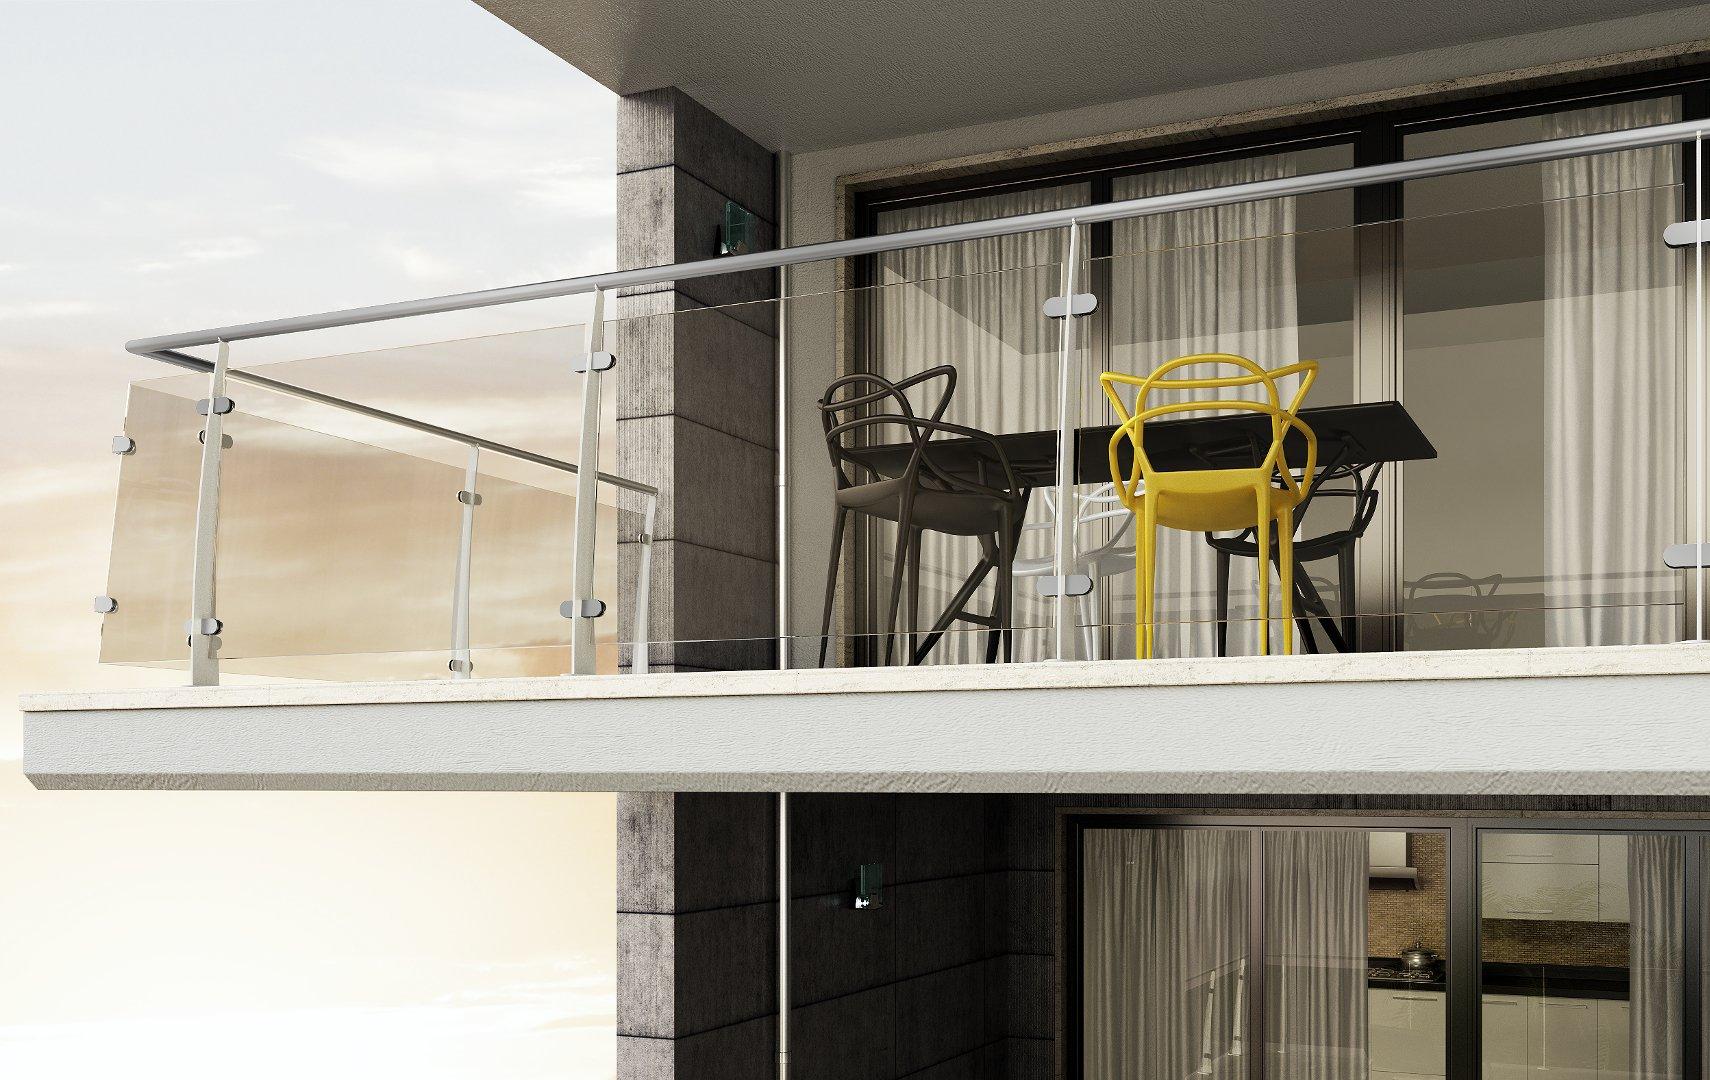 Rod200 rg ringhiere per scale interne le puoi trovare in legno e in vetro - Ringhiere in vetro per scale interne prezzi ...